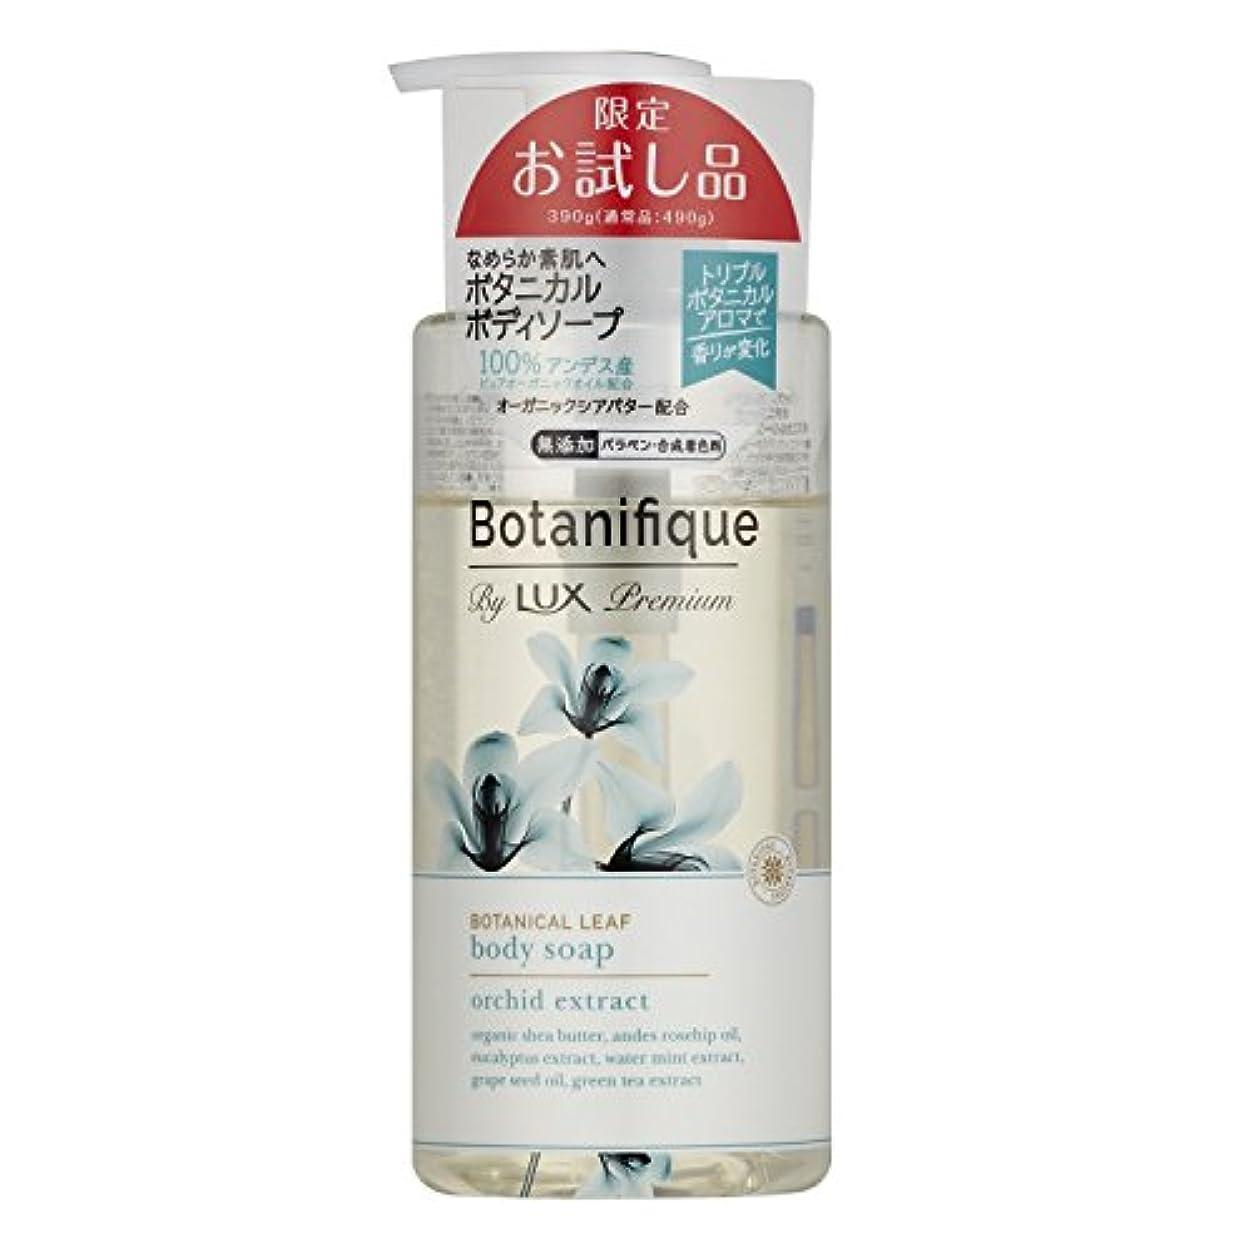 超越する制約クラウンラックス プレミアム ボタニフィーク ボタニカルリーフ ボディソープ ポンプ(ボタニカルリーフの香り) お試し品 390g